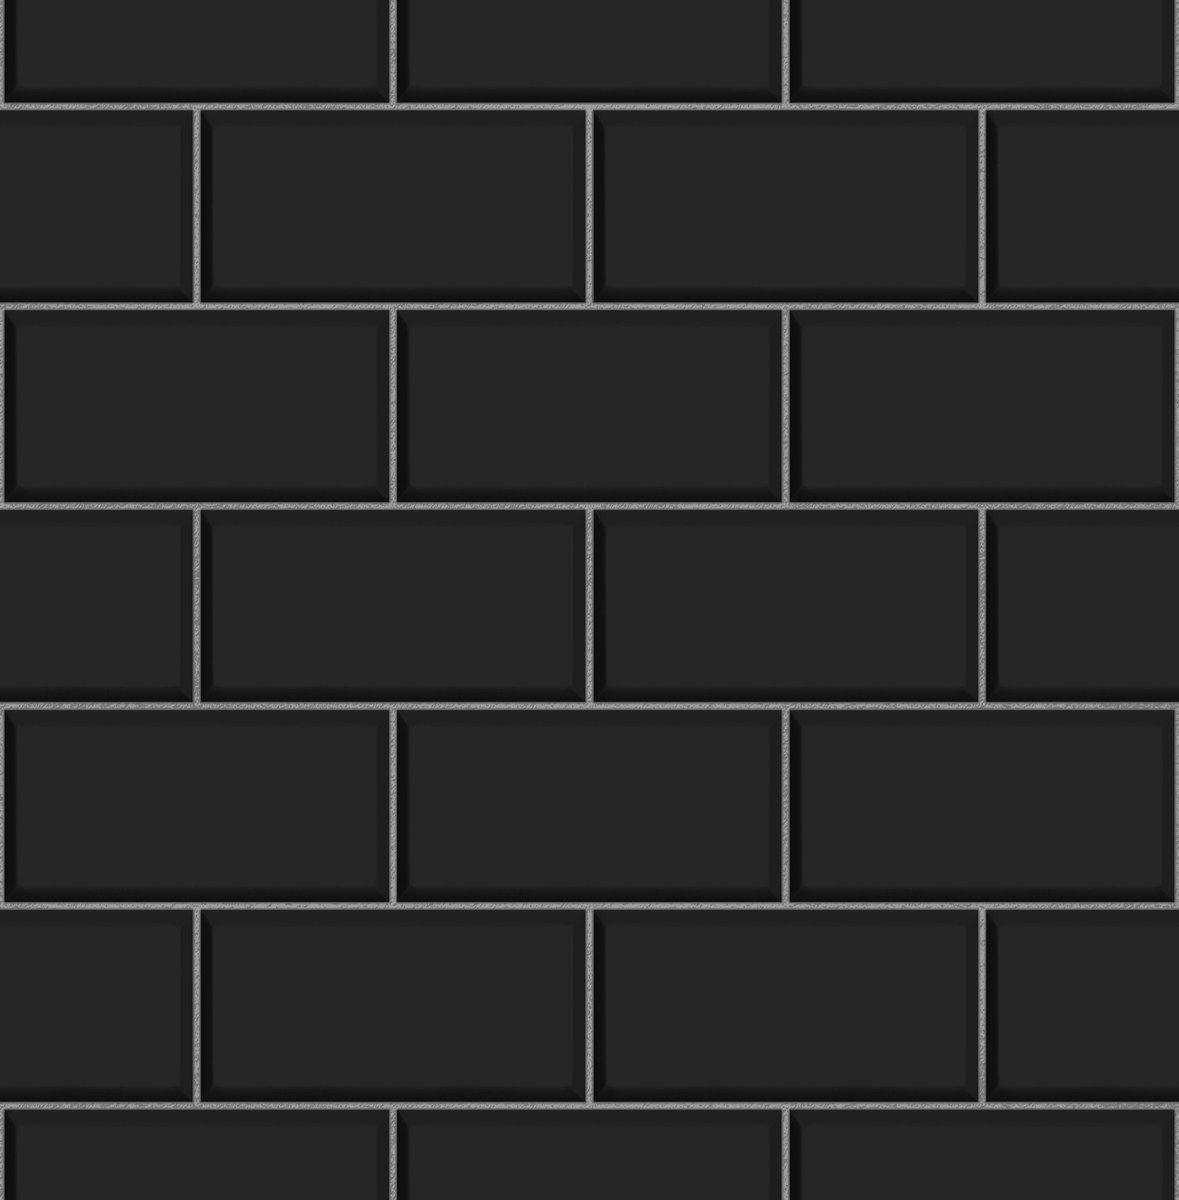 Black Subway Tile Tile Design Ideas